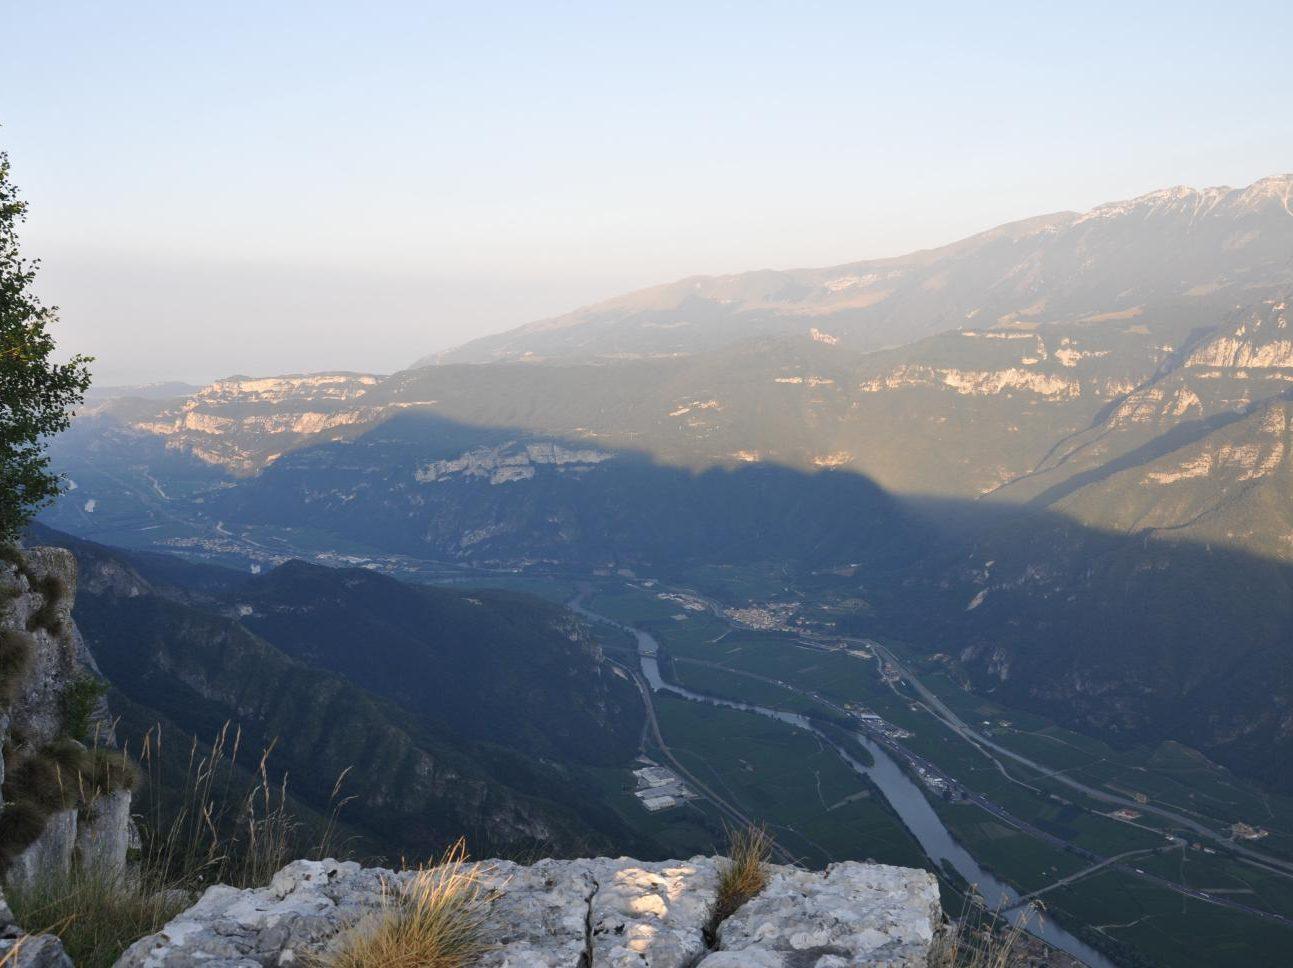 Campeggio Al Faggio - Panorama sulla Valle dell'Adige